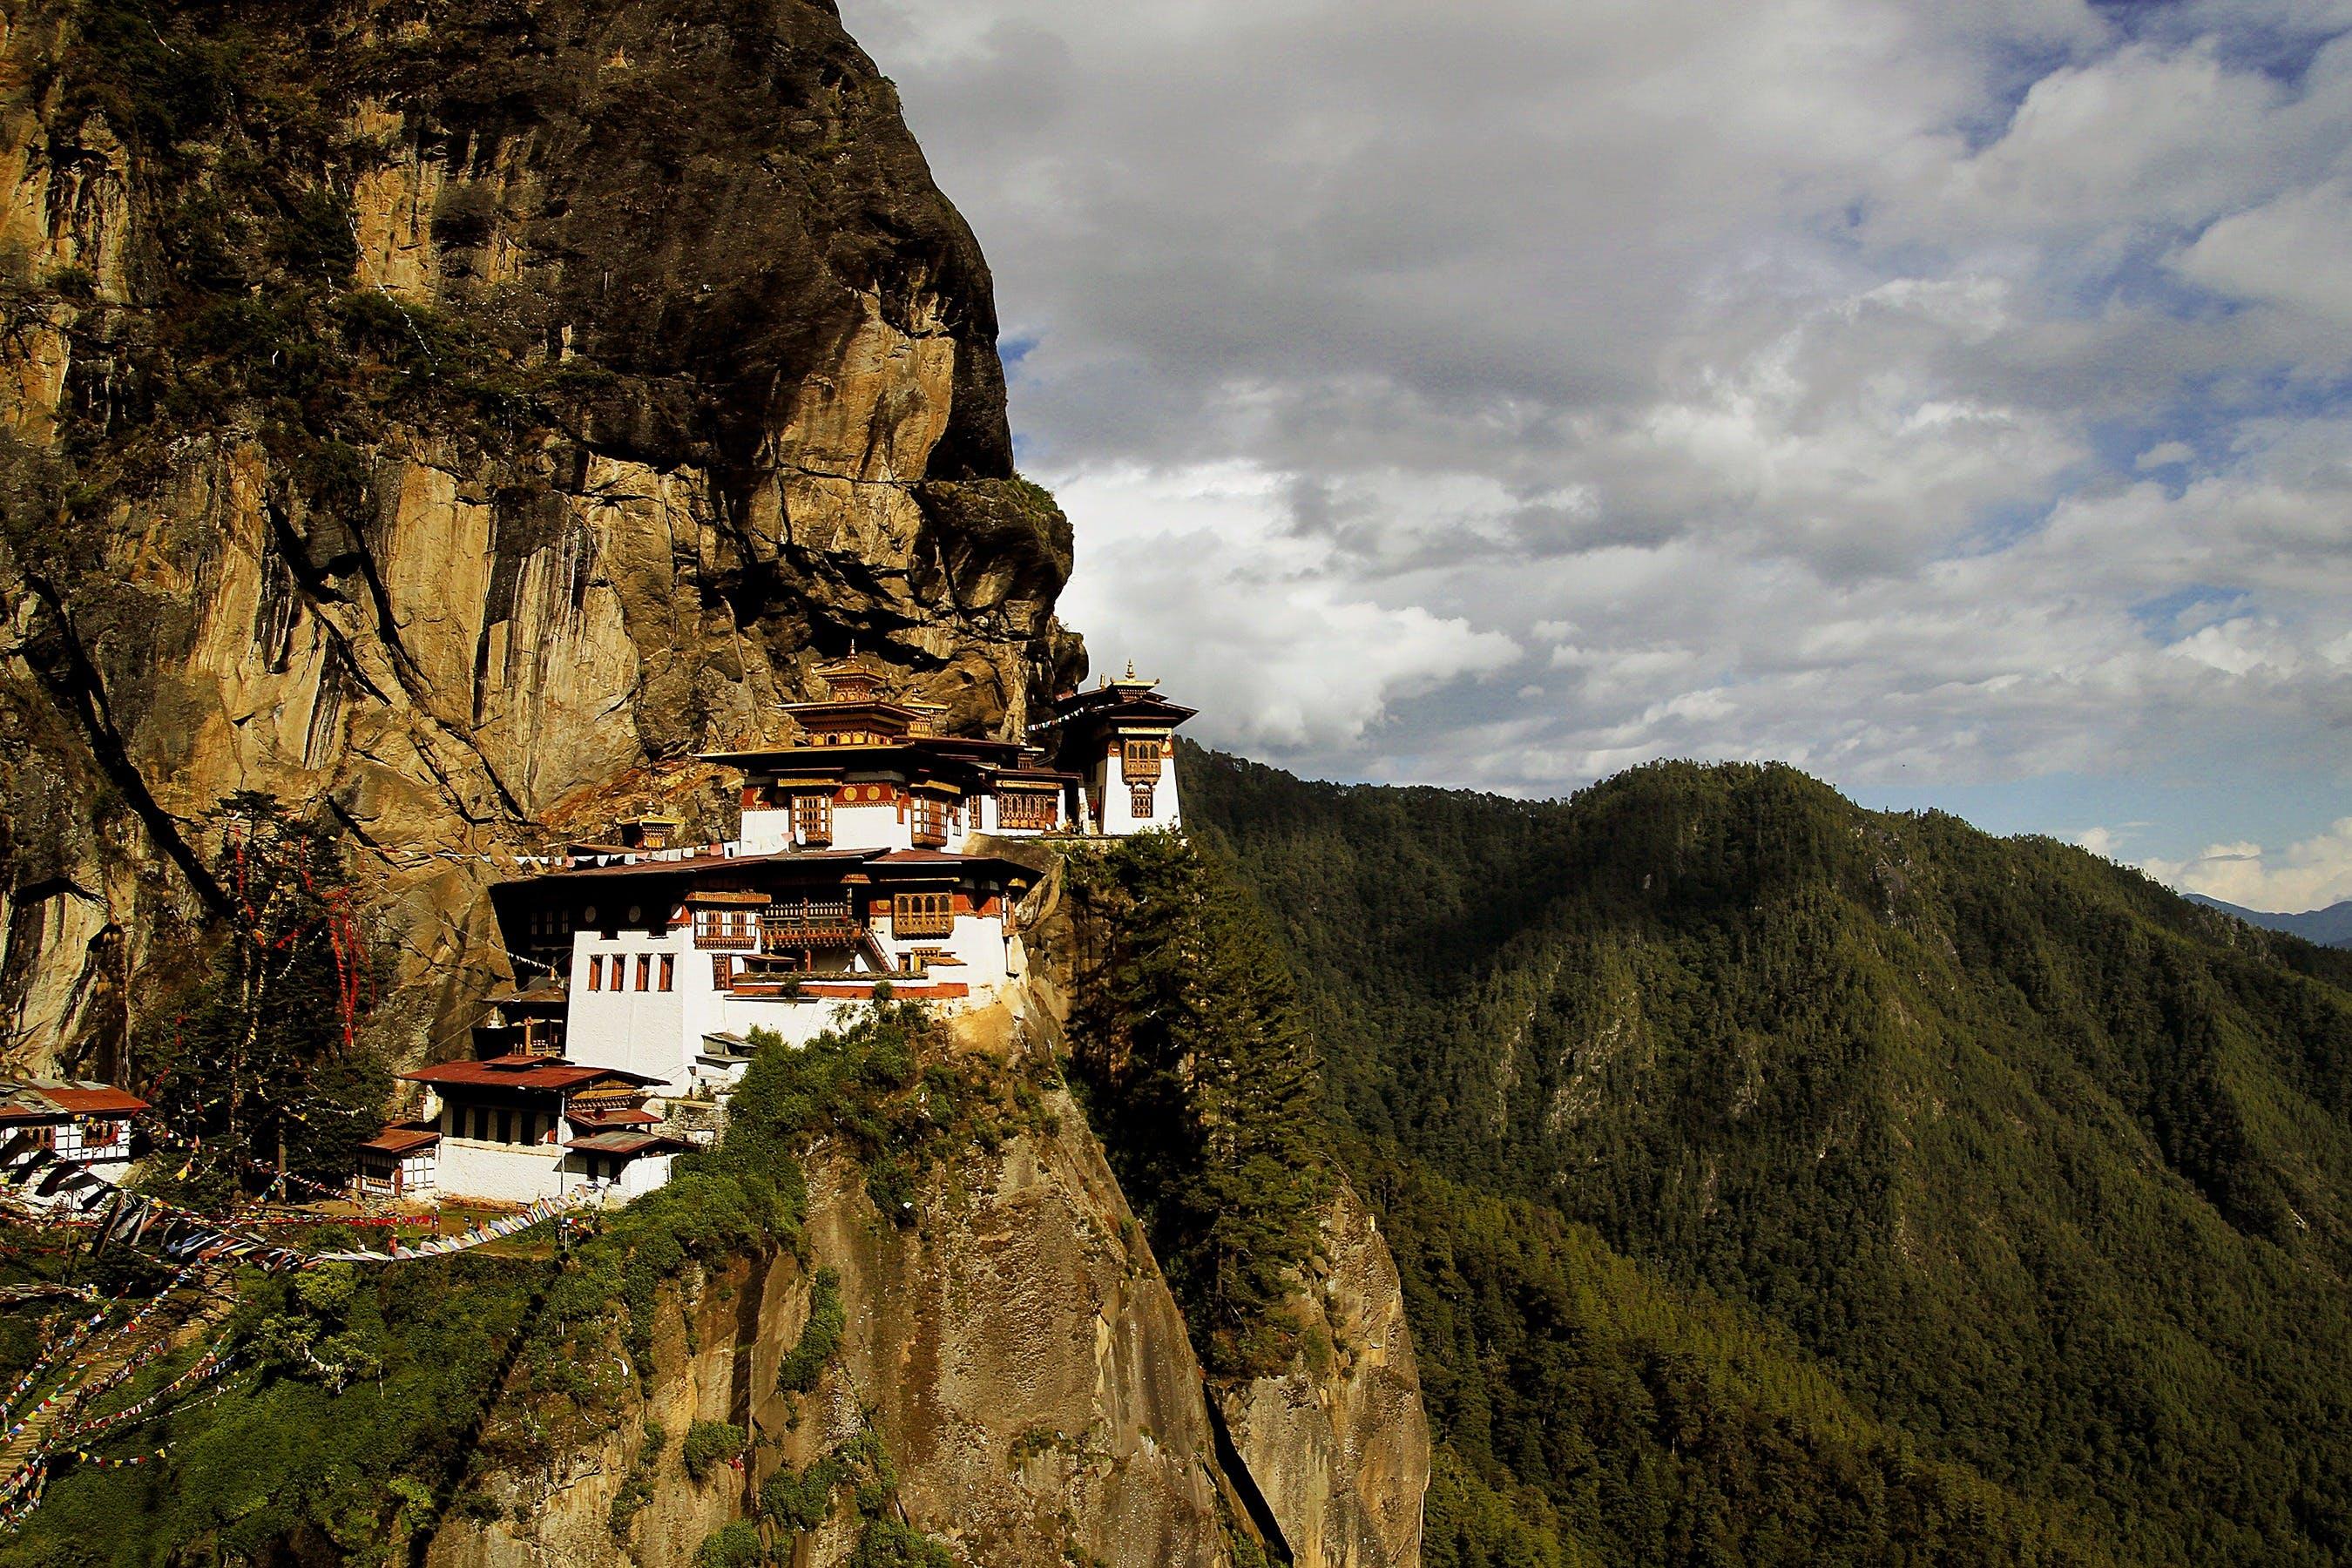 Kostenloses Stock Foto zu berg, berggipfel, grün, kloster